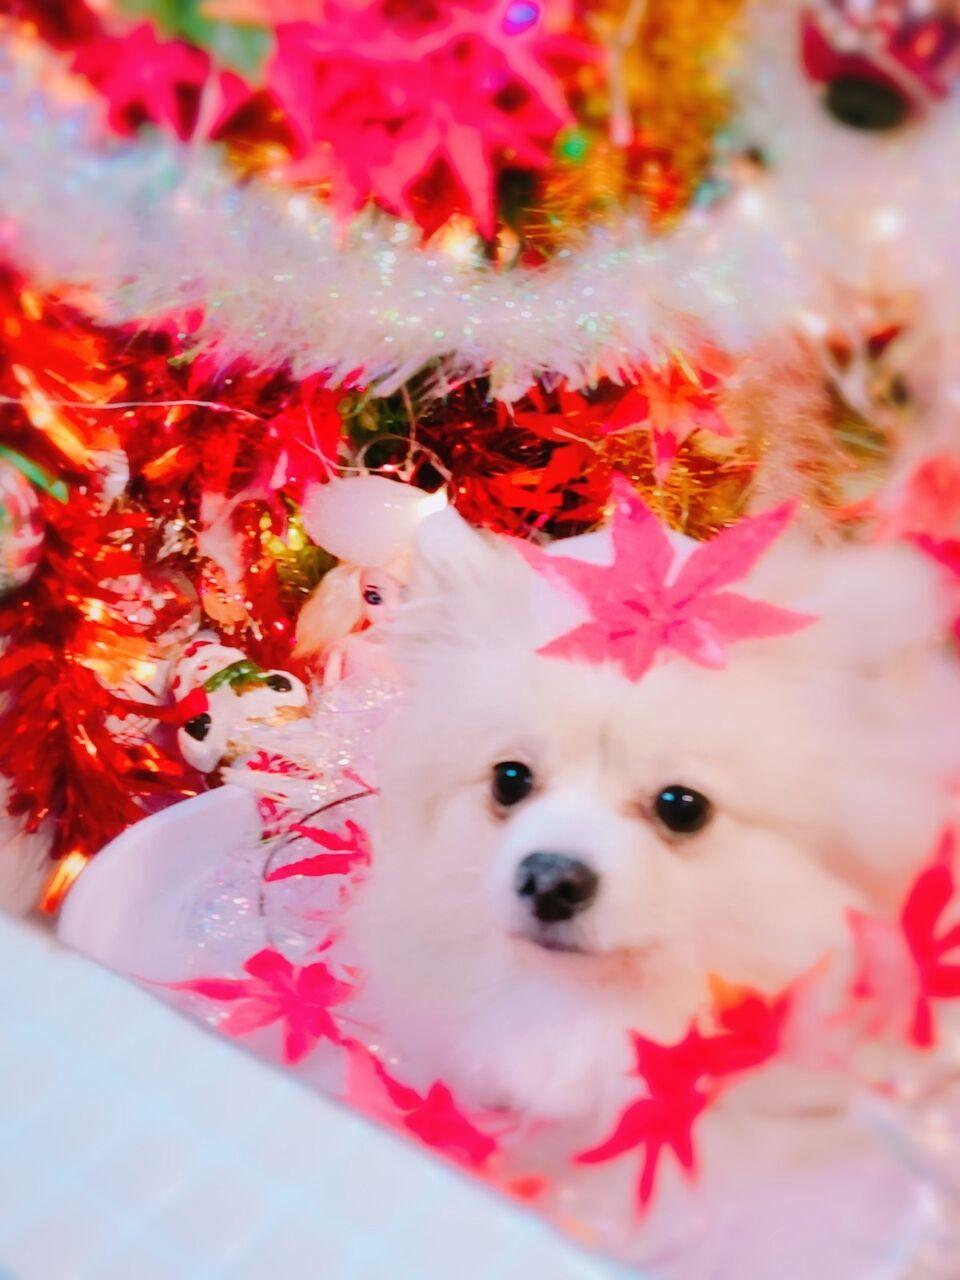 20-11-08-14-21-13-992_photo